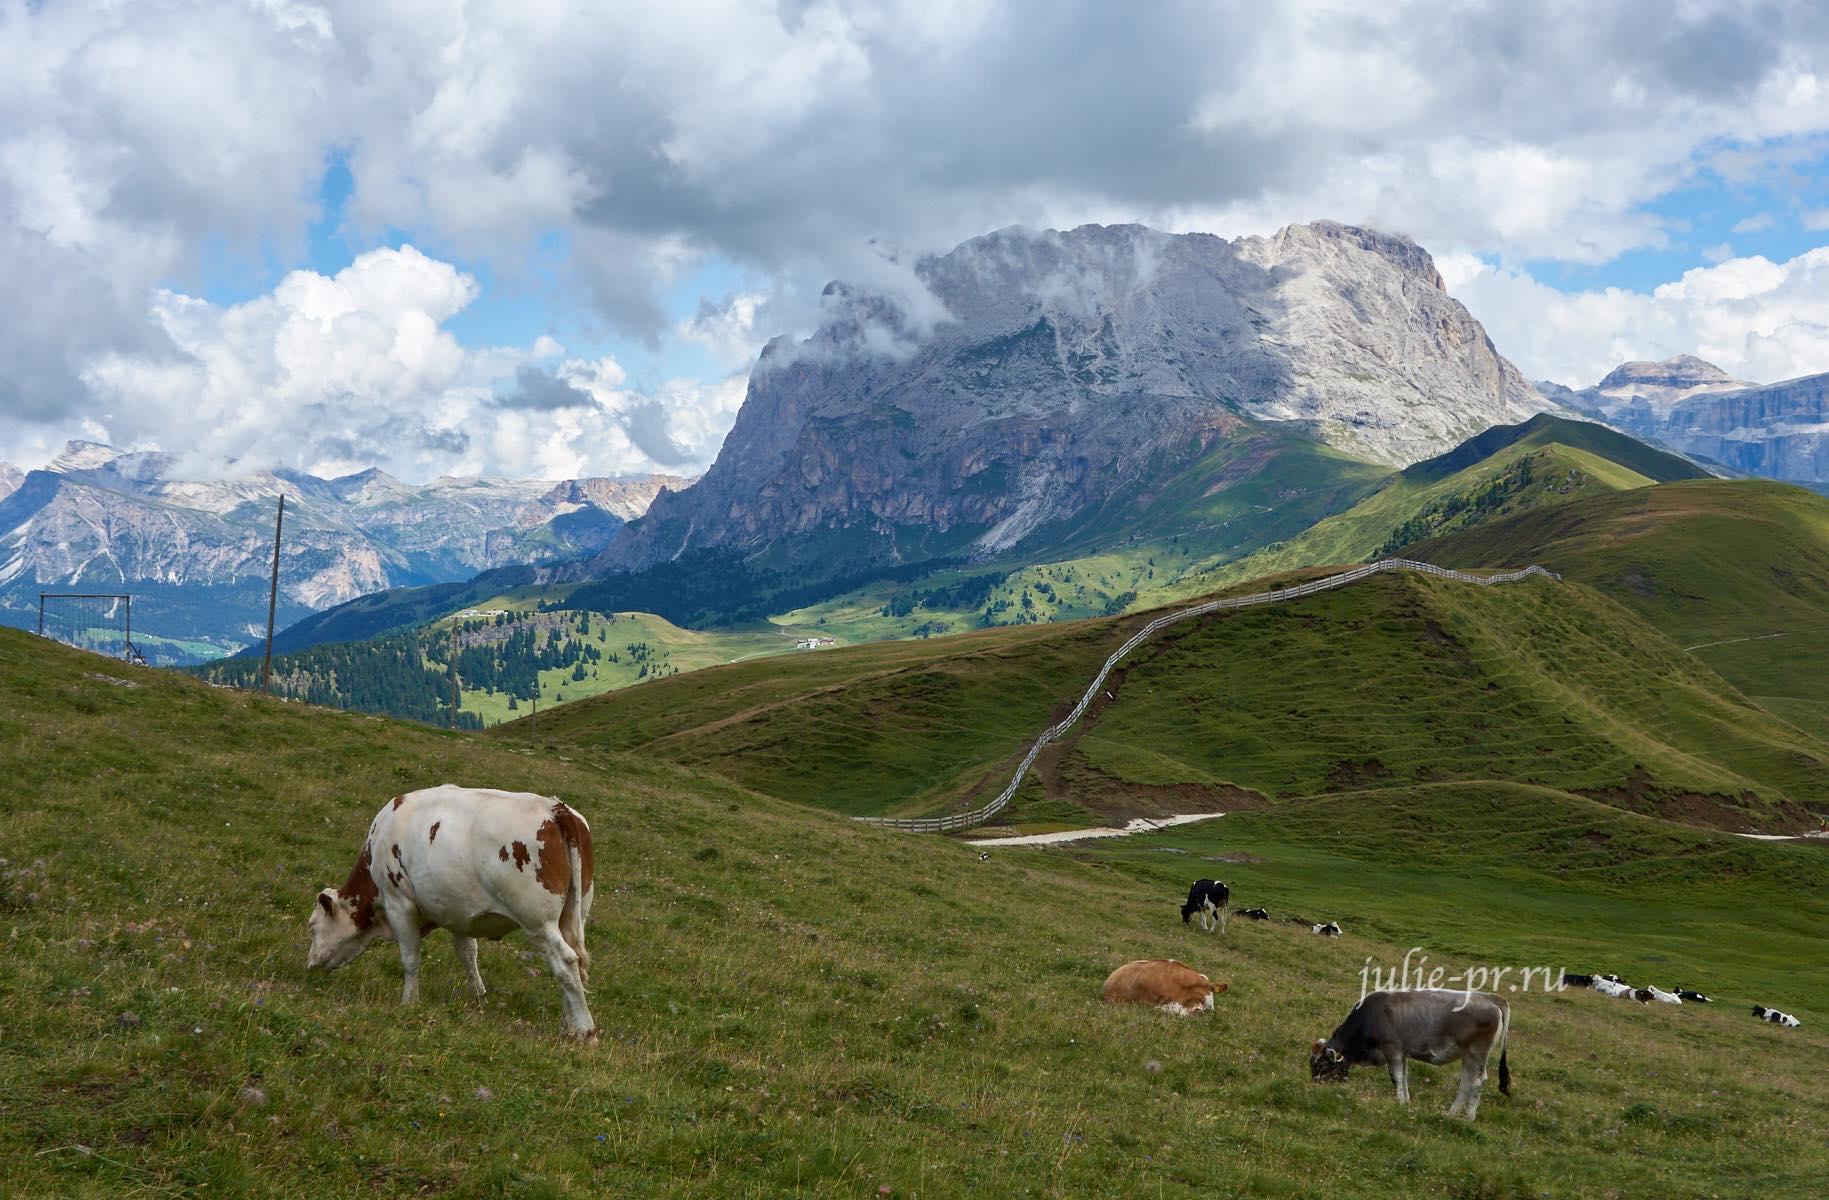 Италия, Альпы, Доломиты, Коровы, Sassolungo